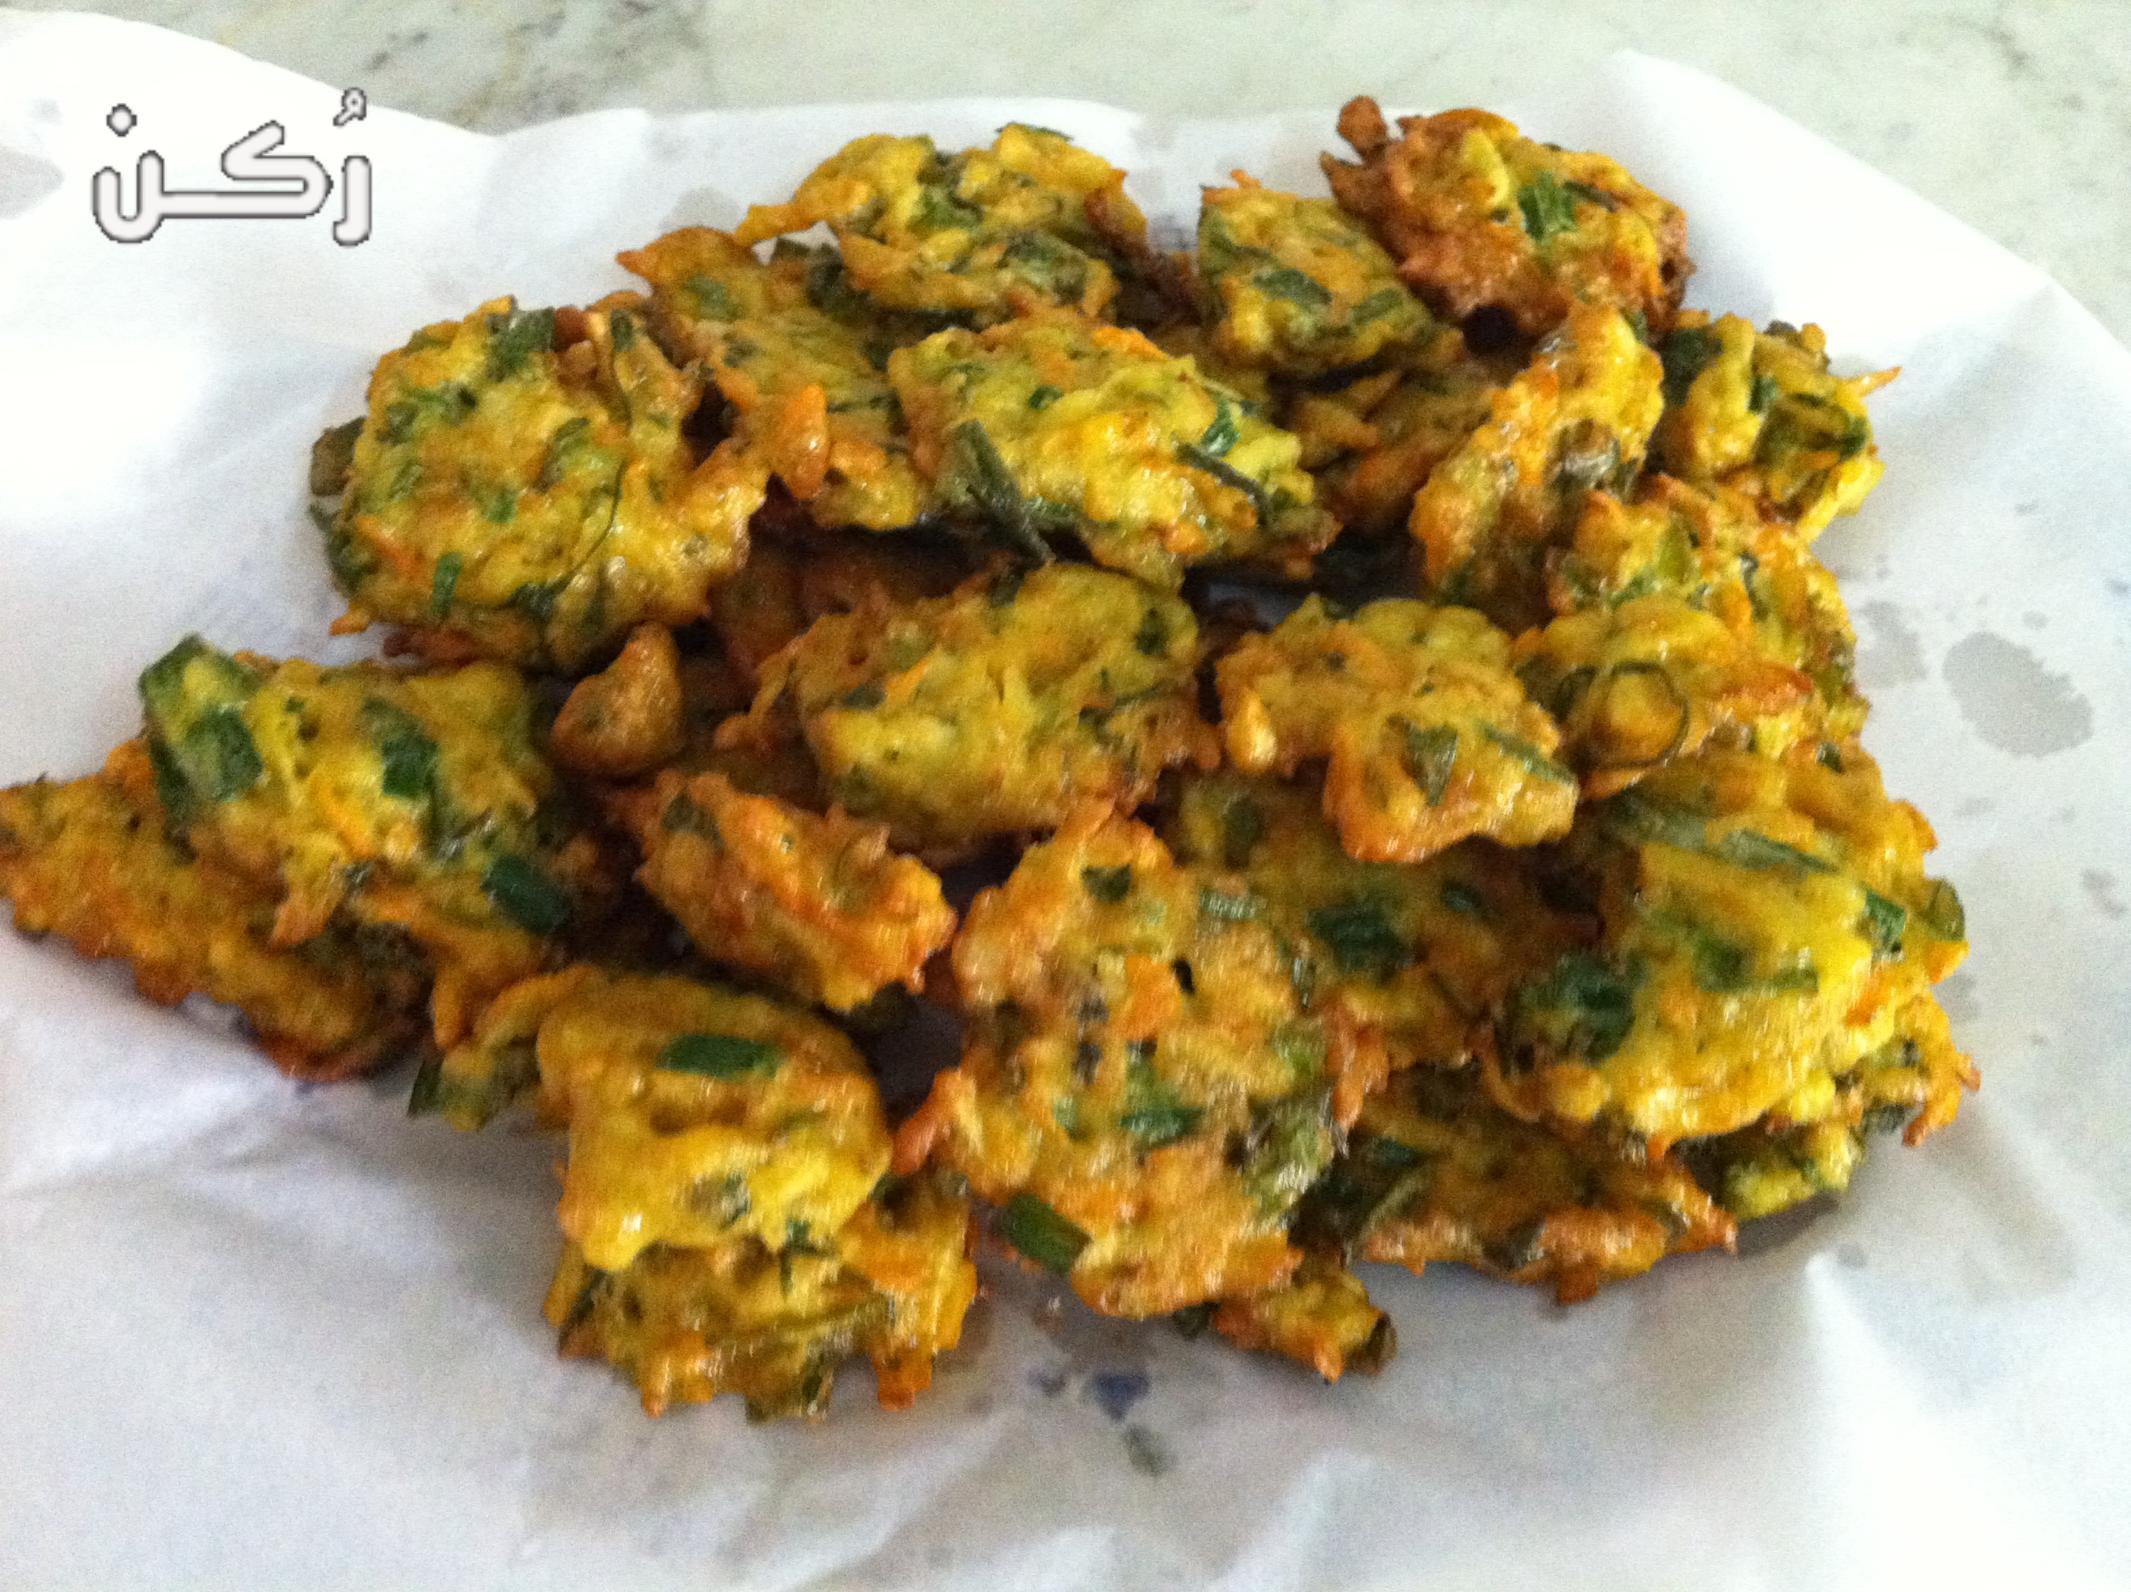 طريقة عمل الخضار المقلية الهندية مع كرات البطاطس